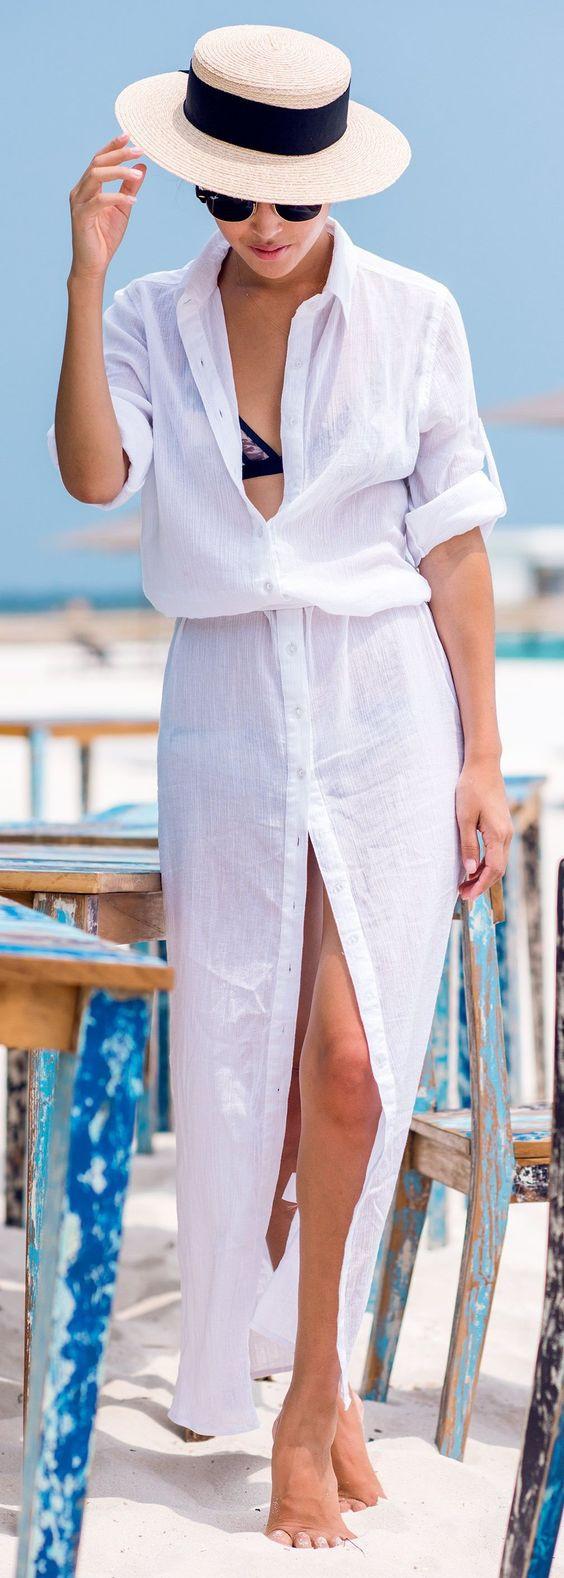 с чем носить платье рубашку на пляж